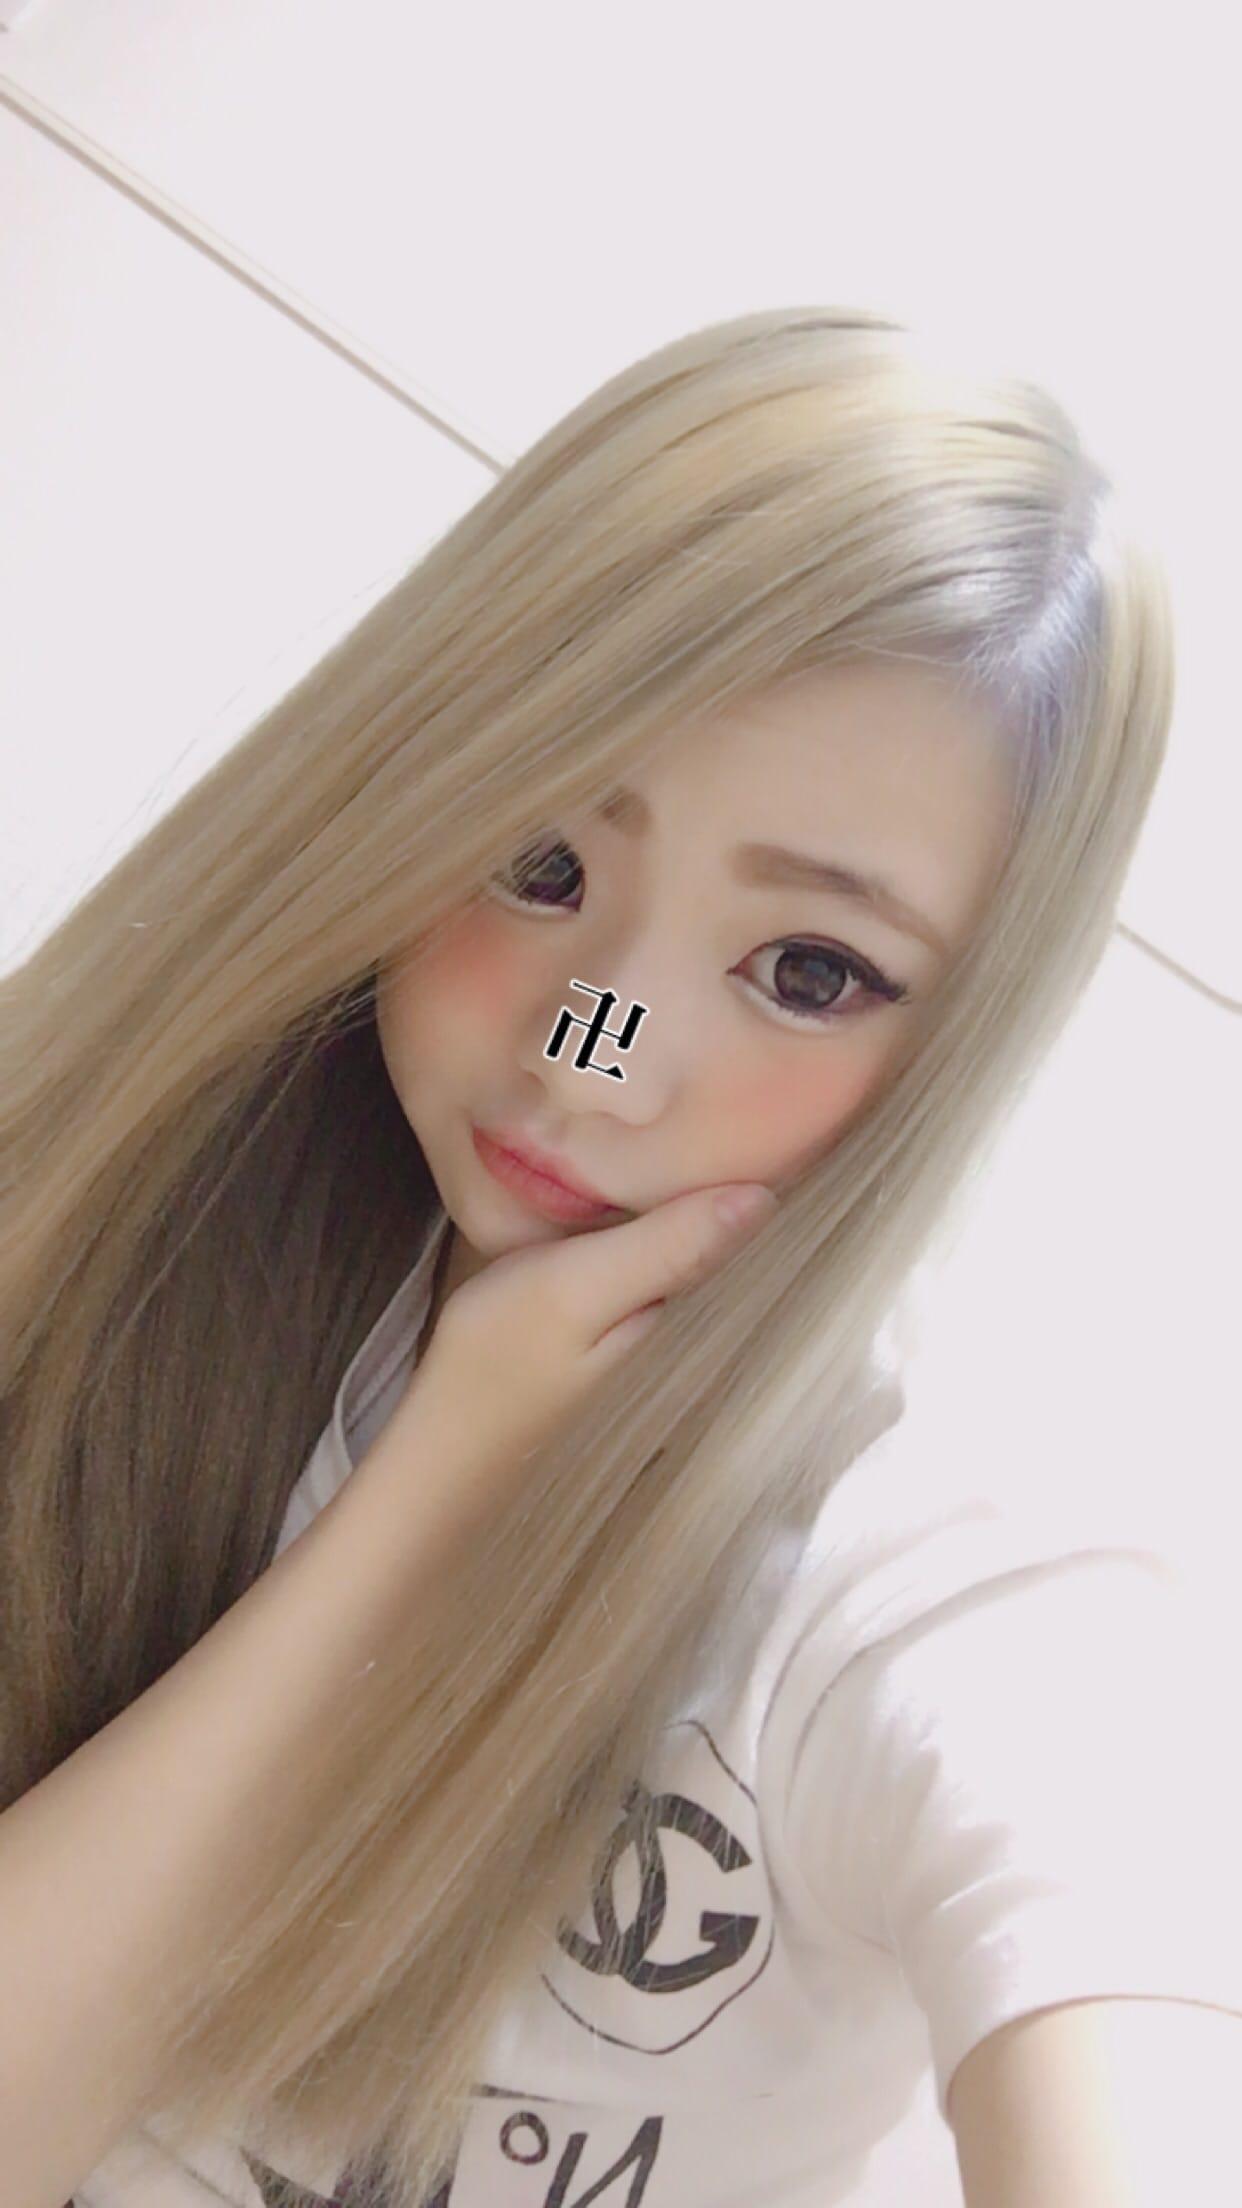 「ありがとう」02/07(水) 03:42 | あおいの写メ・風俗動画